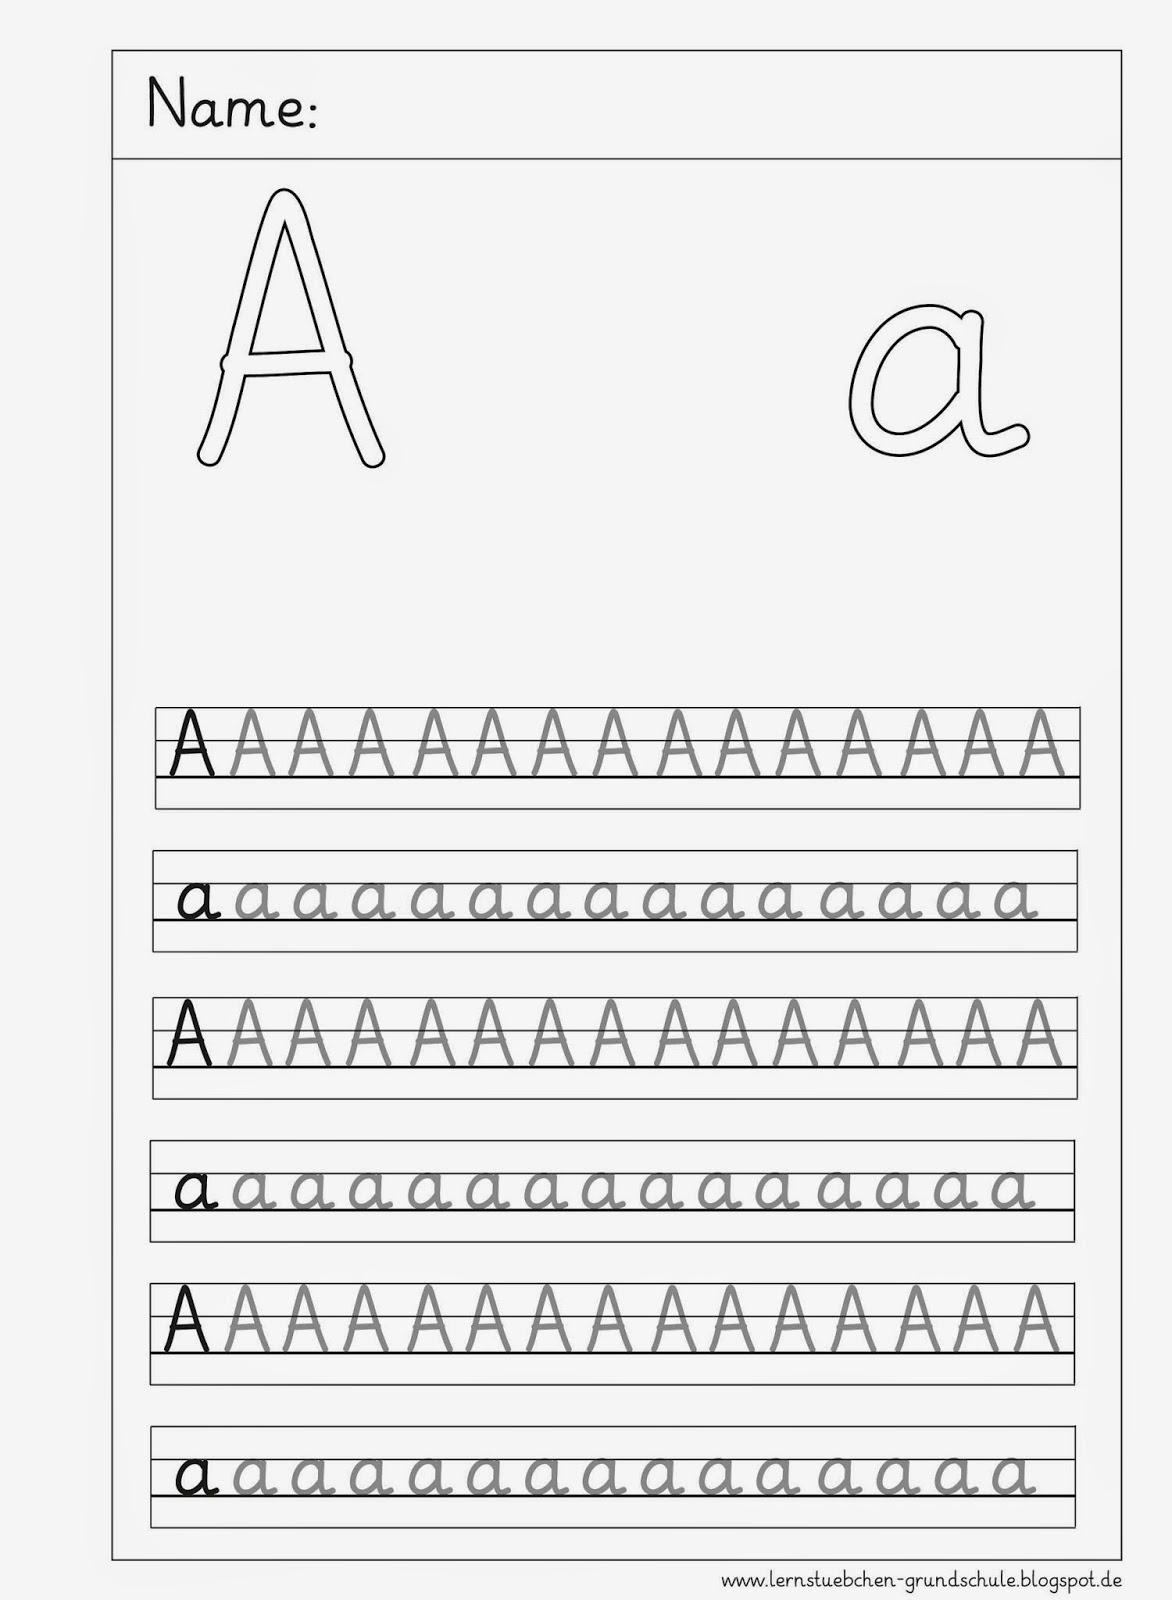 Lernstübchen: Schlichte Buchstabenschreibblätter Zum A A bei Grundschrift Arbeitsblätter